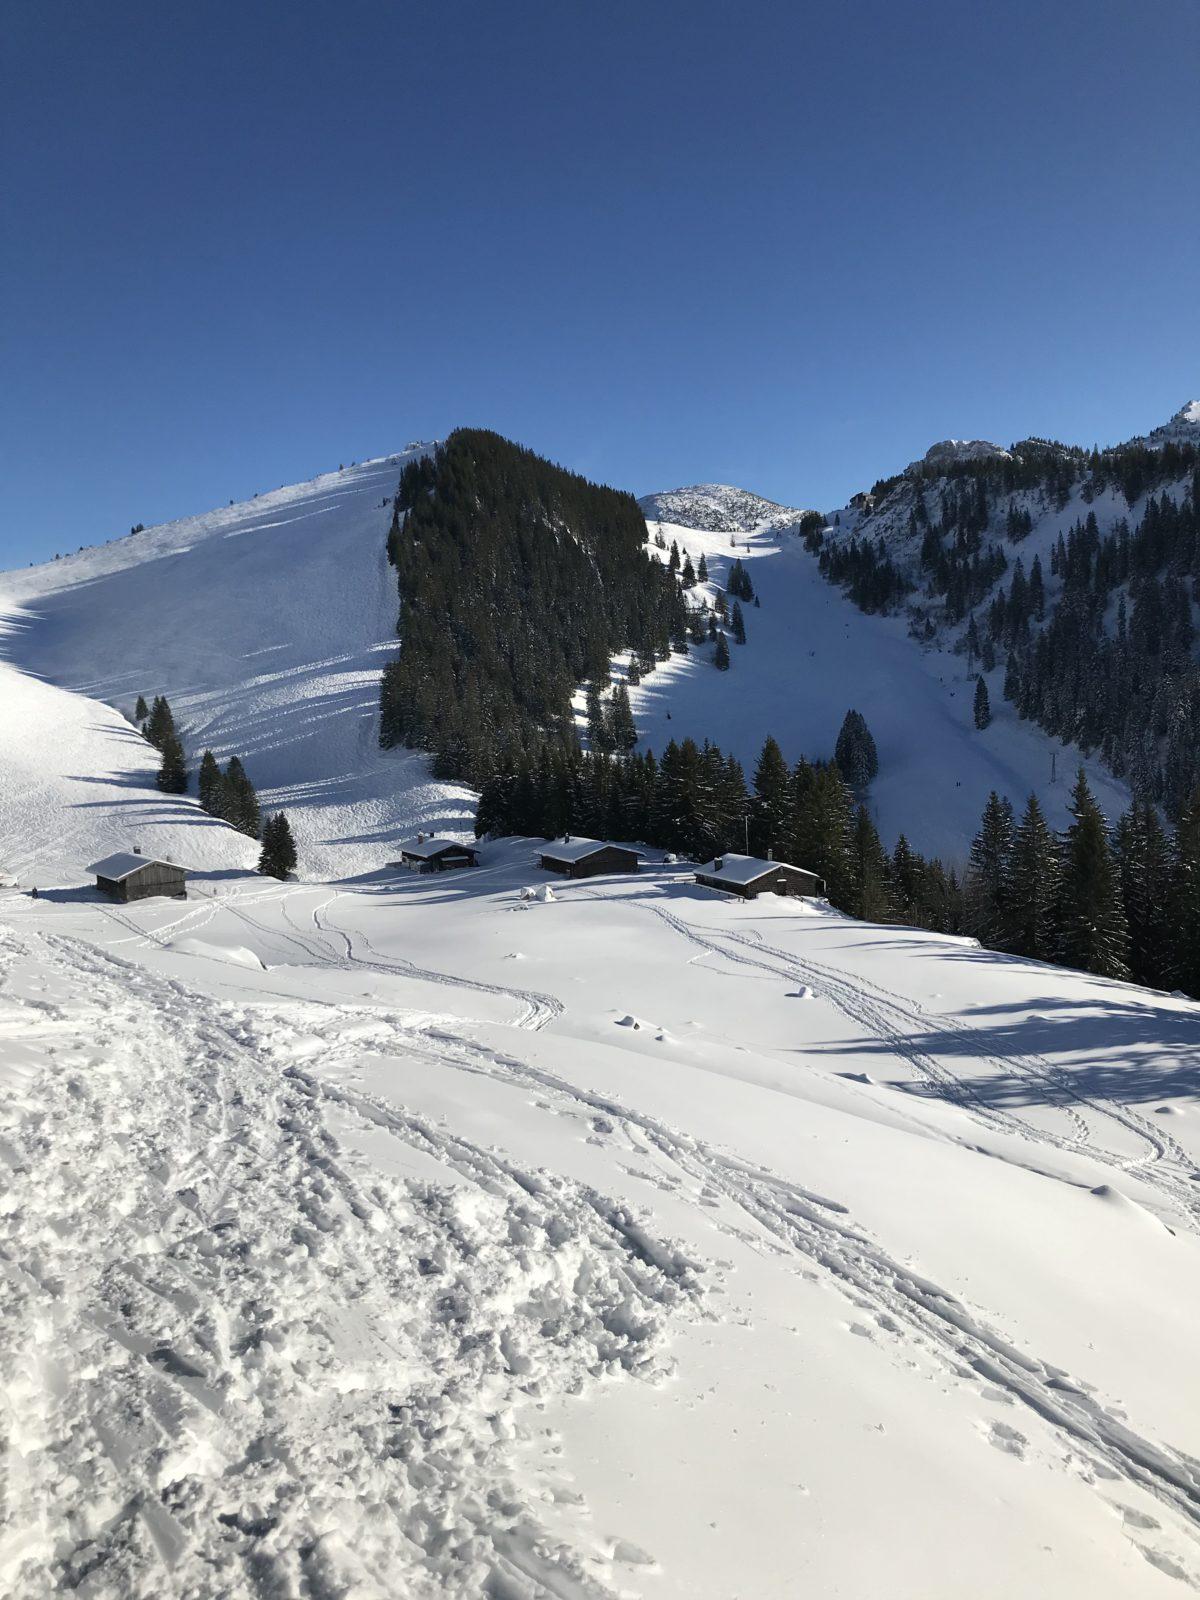 Ehemaliges Skigebiet, jetzt Skitourengebiet am Taubenstein/Spitzingsee